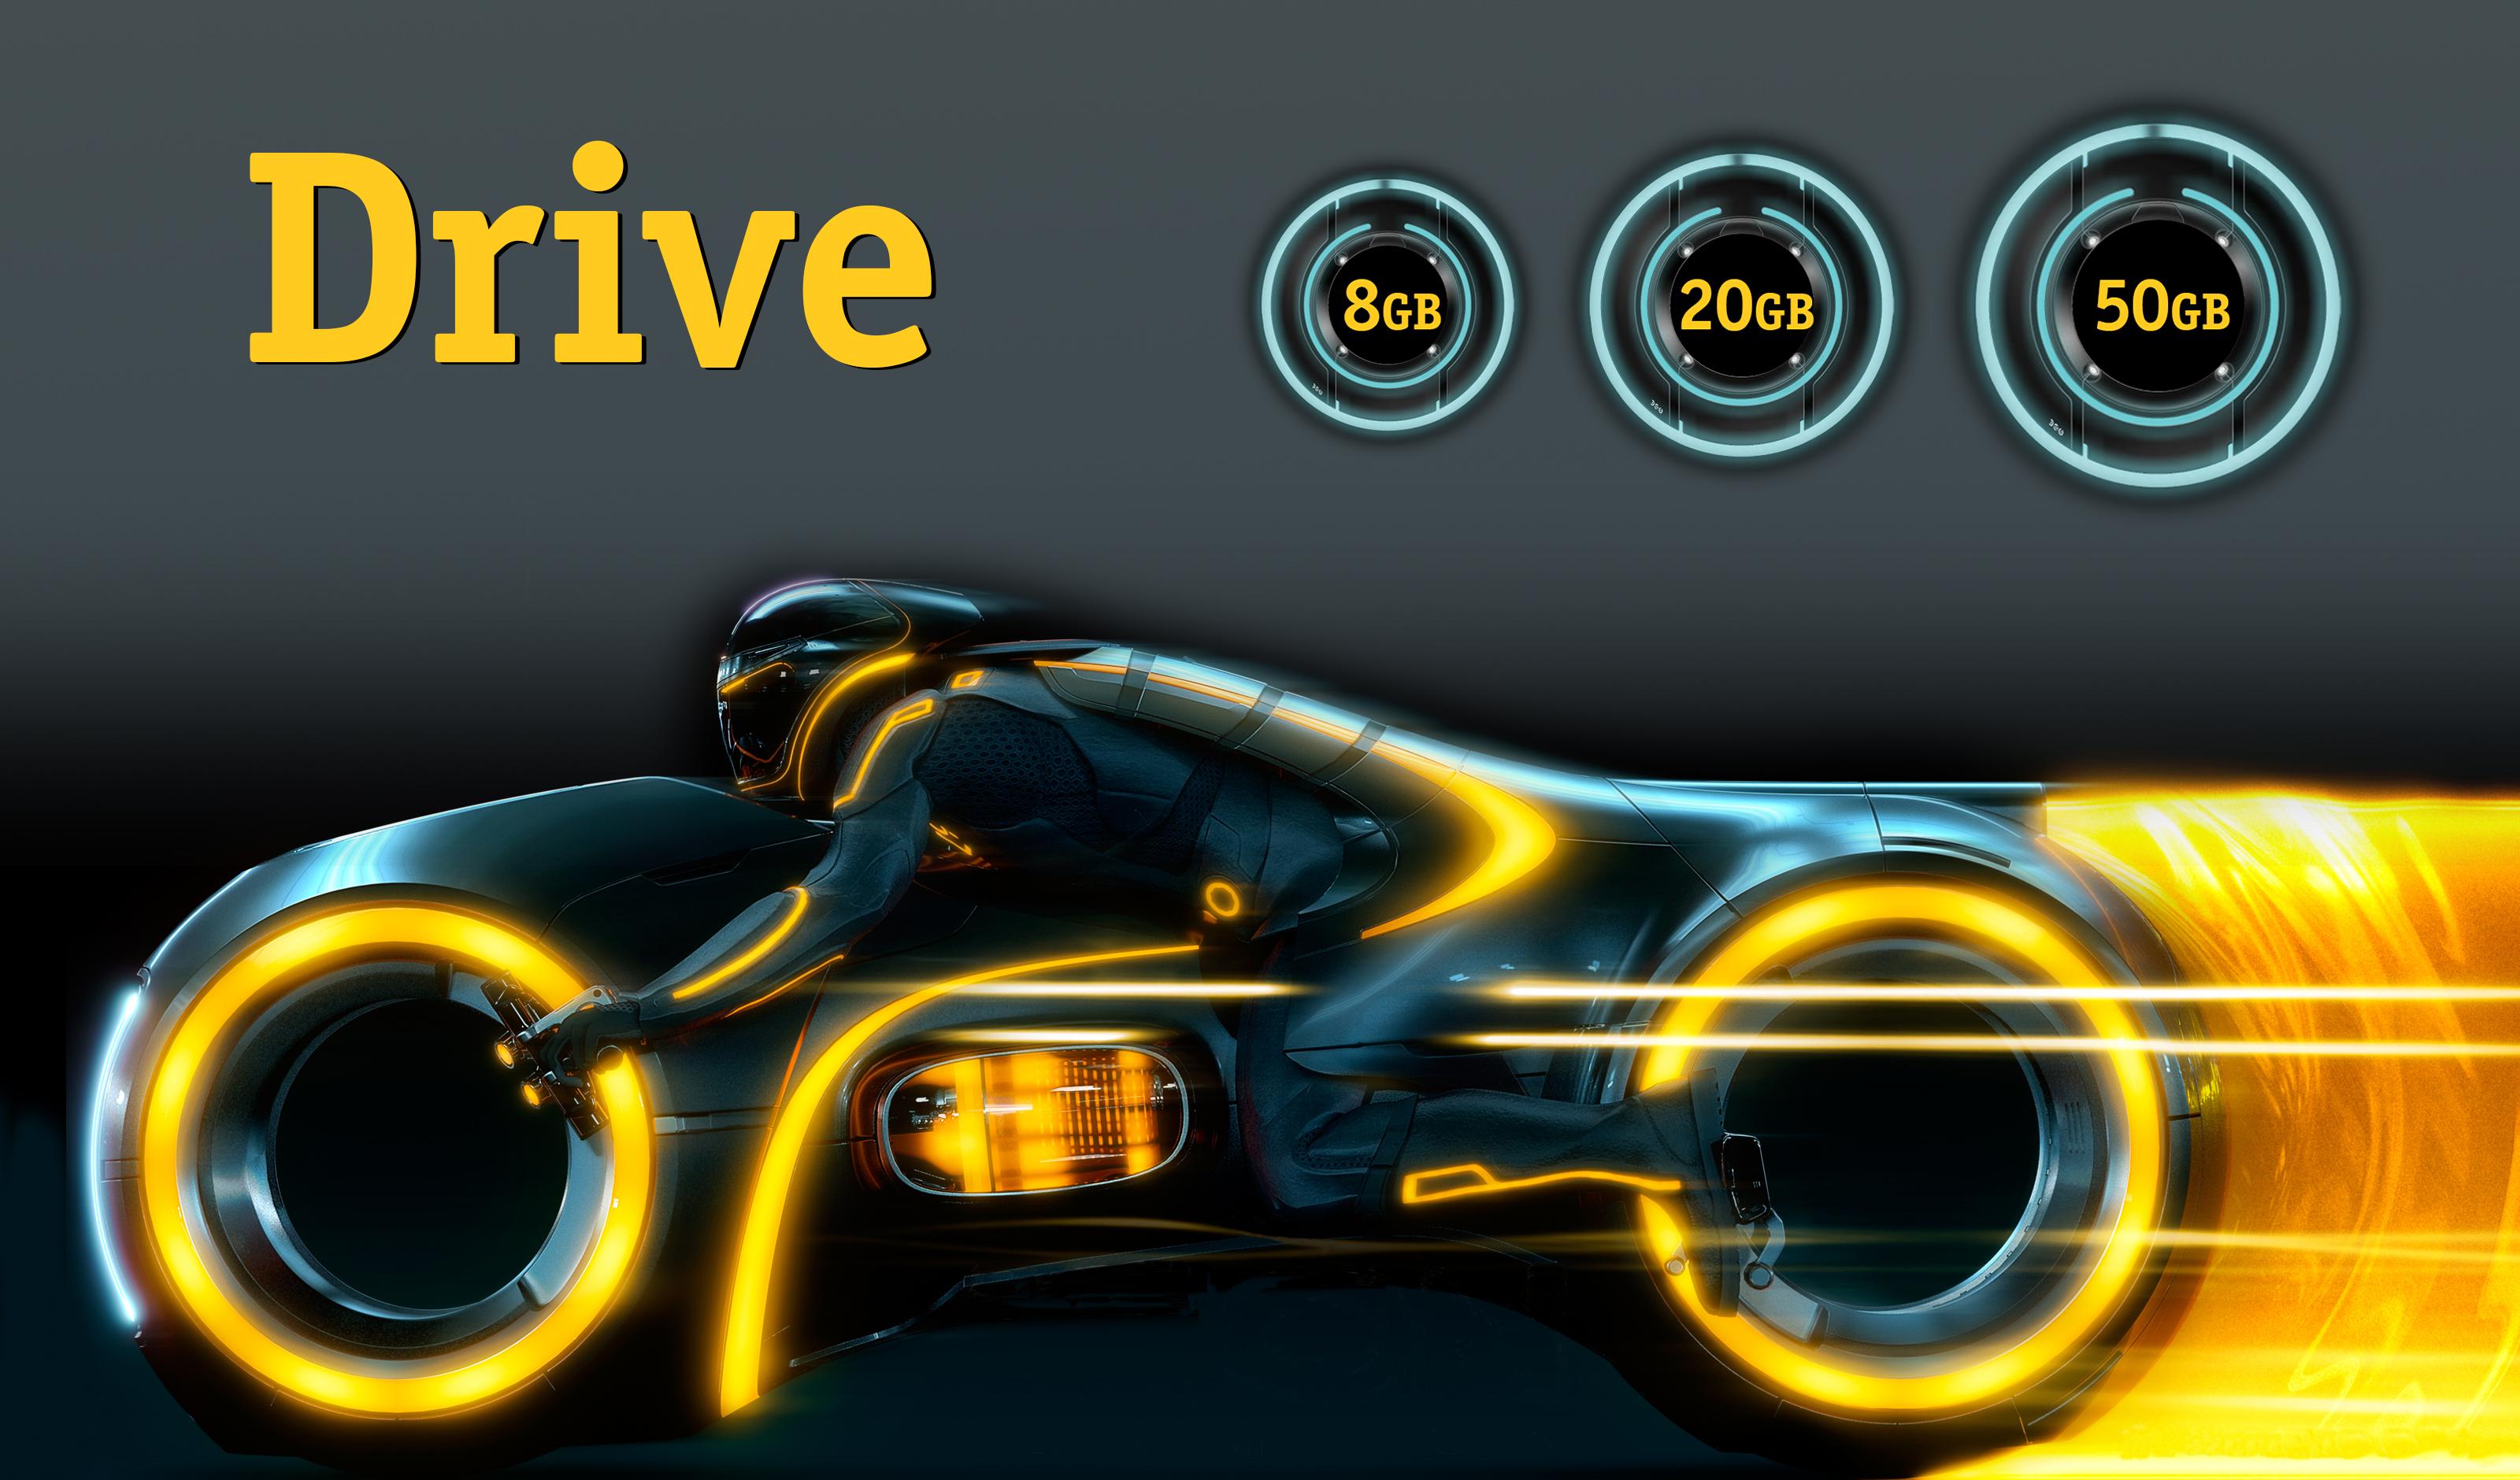 Beeline. բարելավված պայմաններ՝ Drive բջջային ինտերնետի սակագնային փաթեթների համար